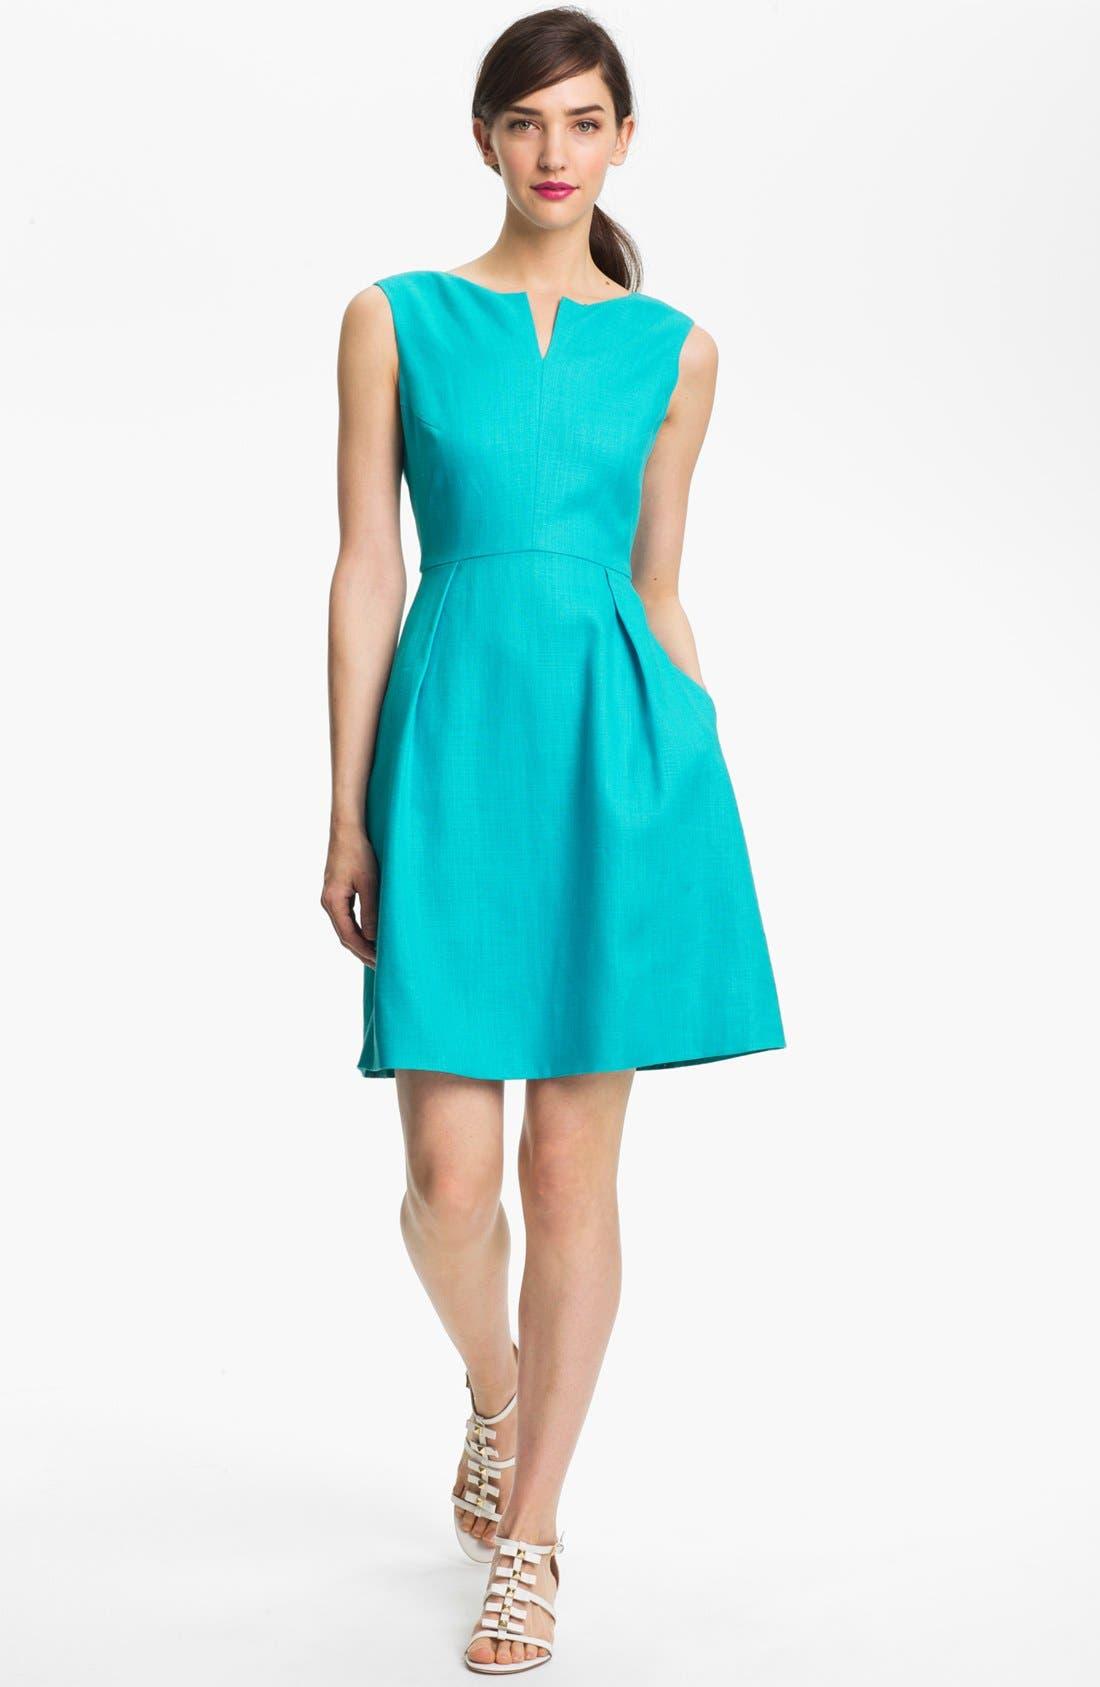 Main Image - kate spade new york 'cleo' a-line dress